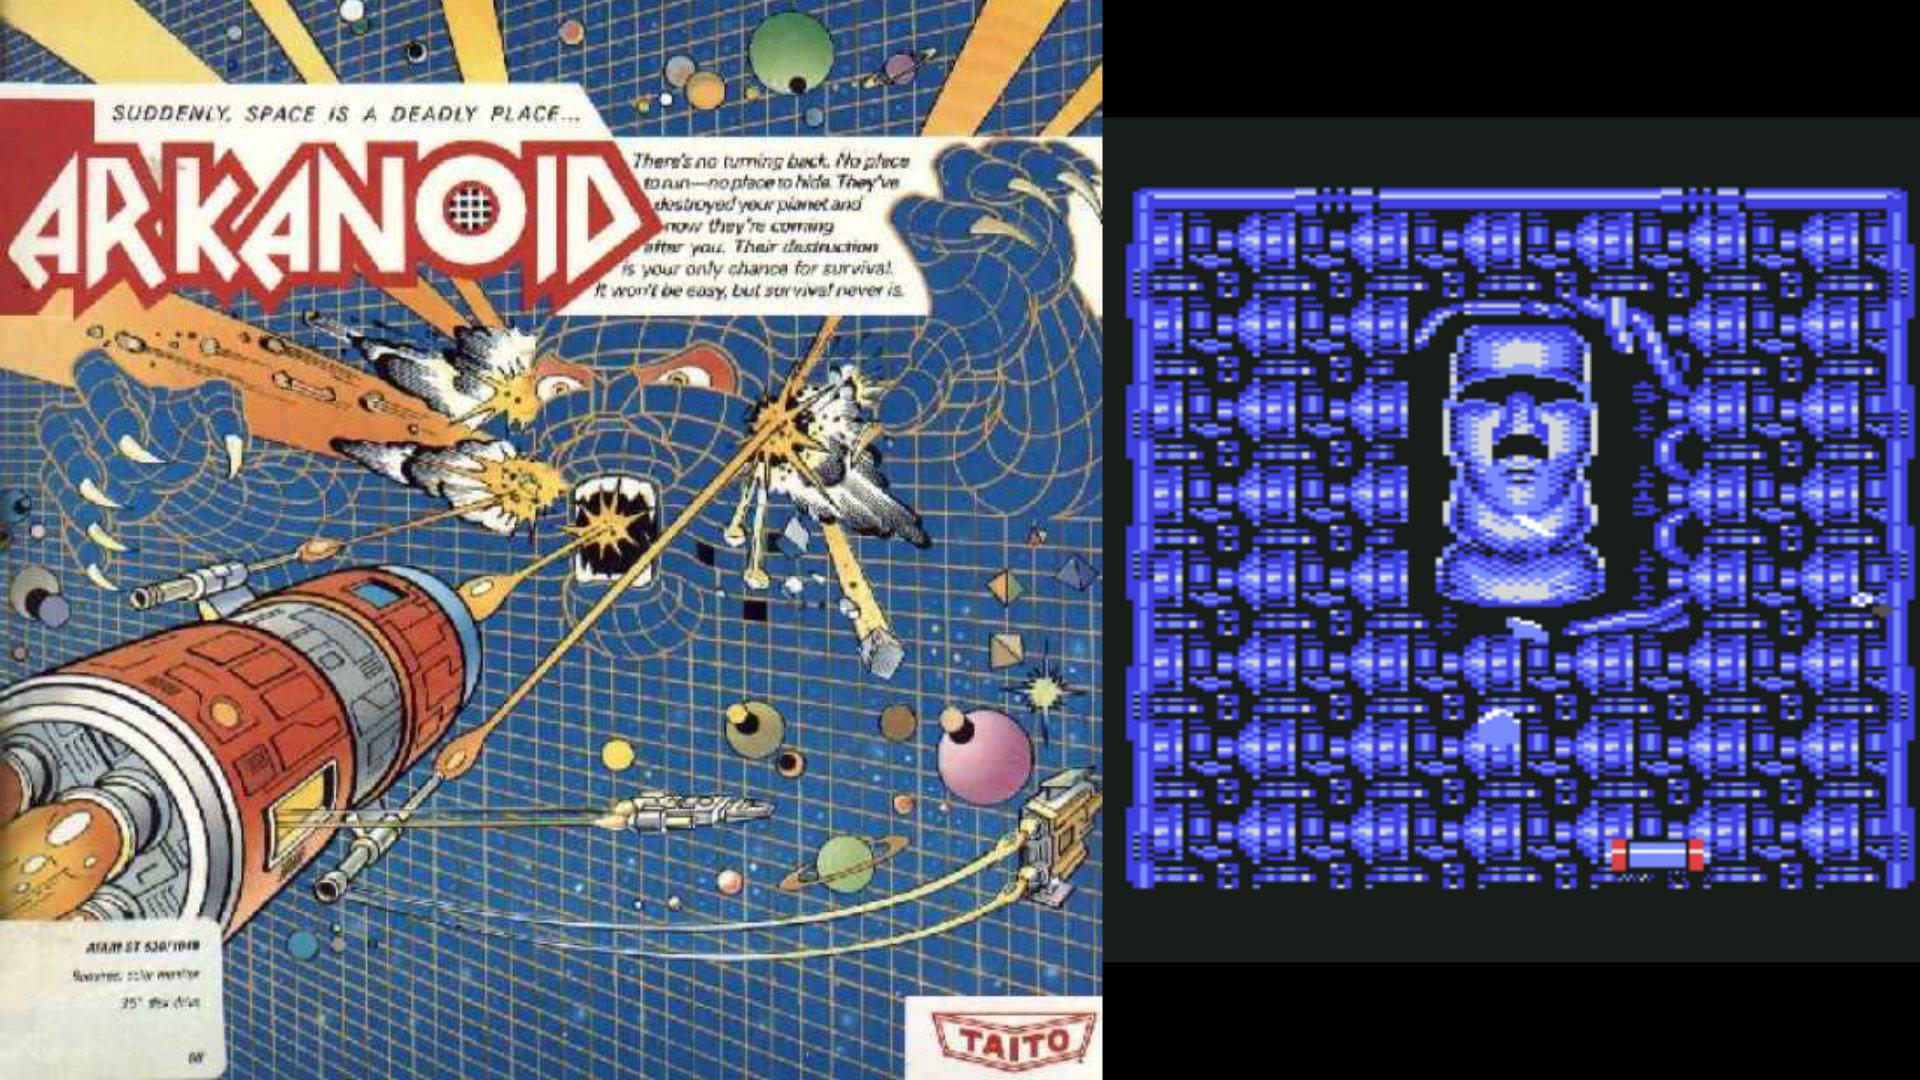 Von wegen Breakout-Clone: Taito erzählt in Arkanoid die mitreissende Geschichte der friedfertigen Rettungskapsel Vauss, deren Besatzung sich dem grimmigen Doh stellt. (Bild: Andreas Wanda)